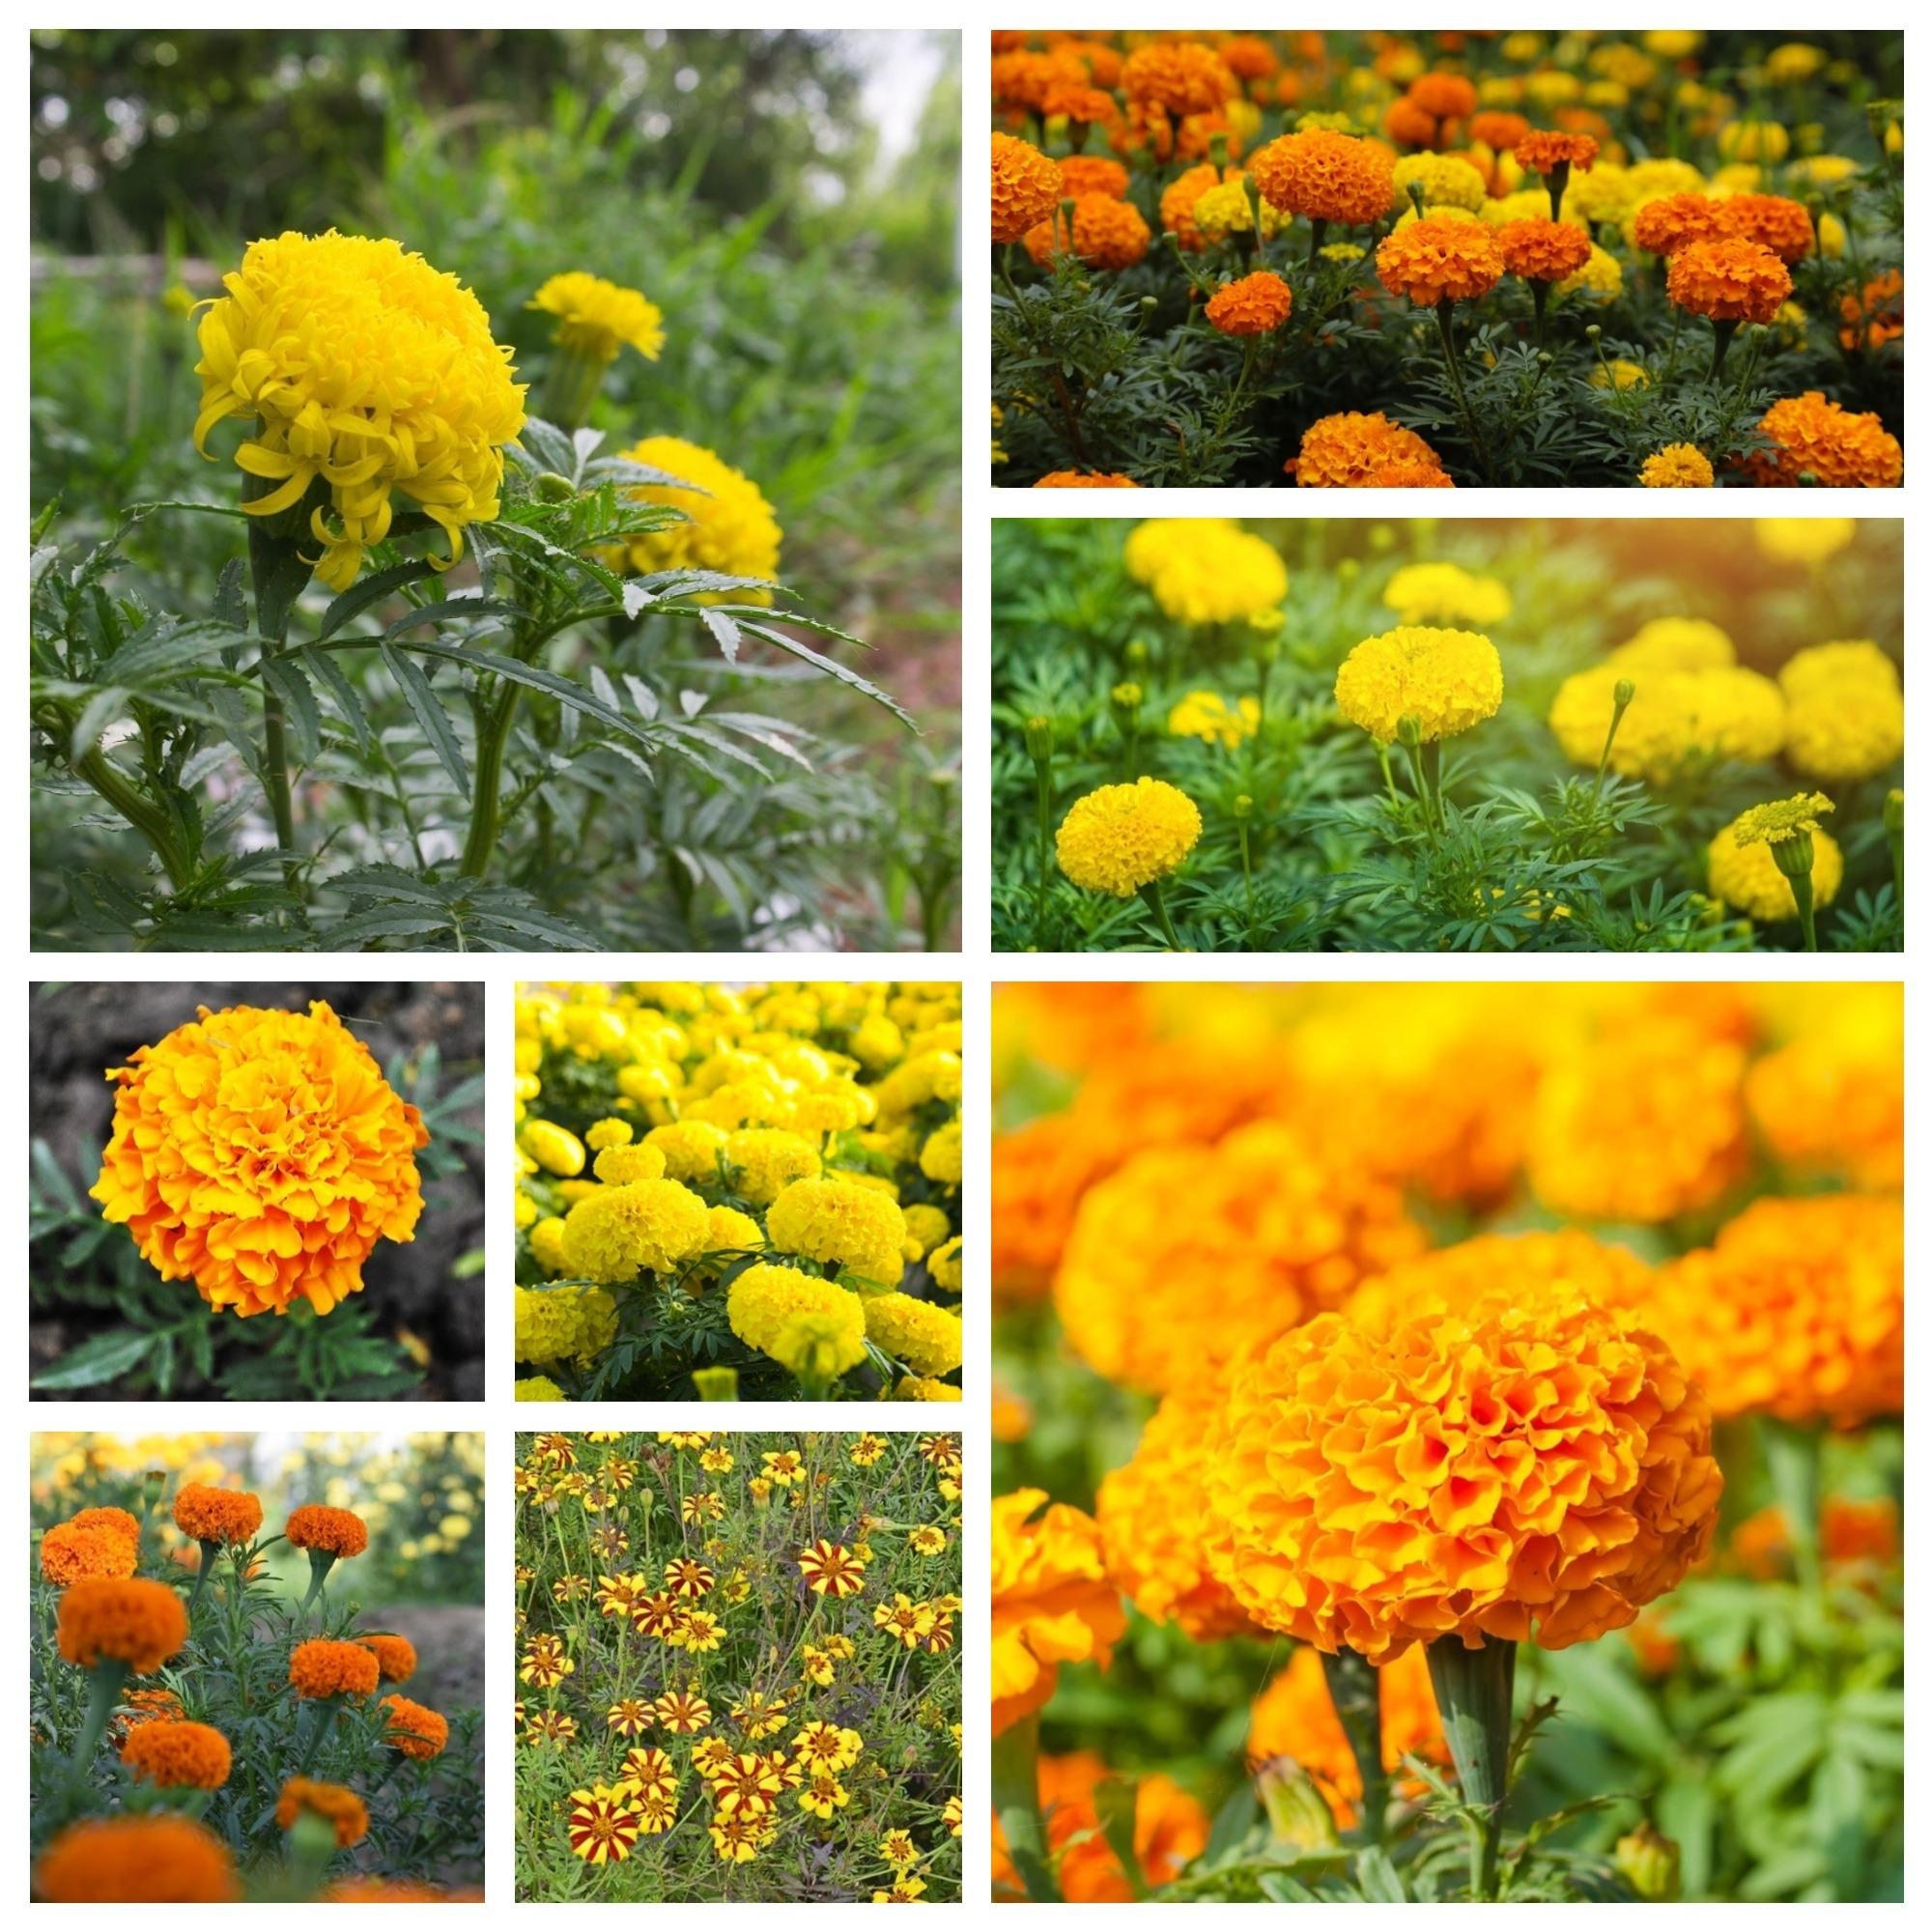 Những hình ảnh hoa cúc vạn thọ Mexico cực đẹp